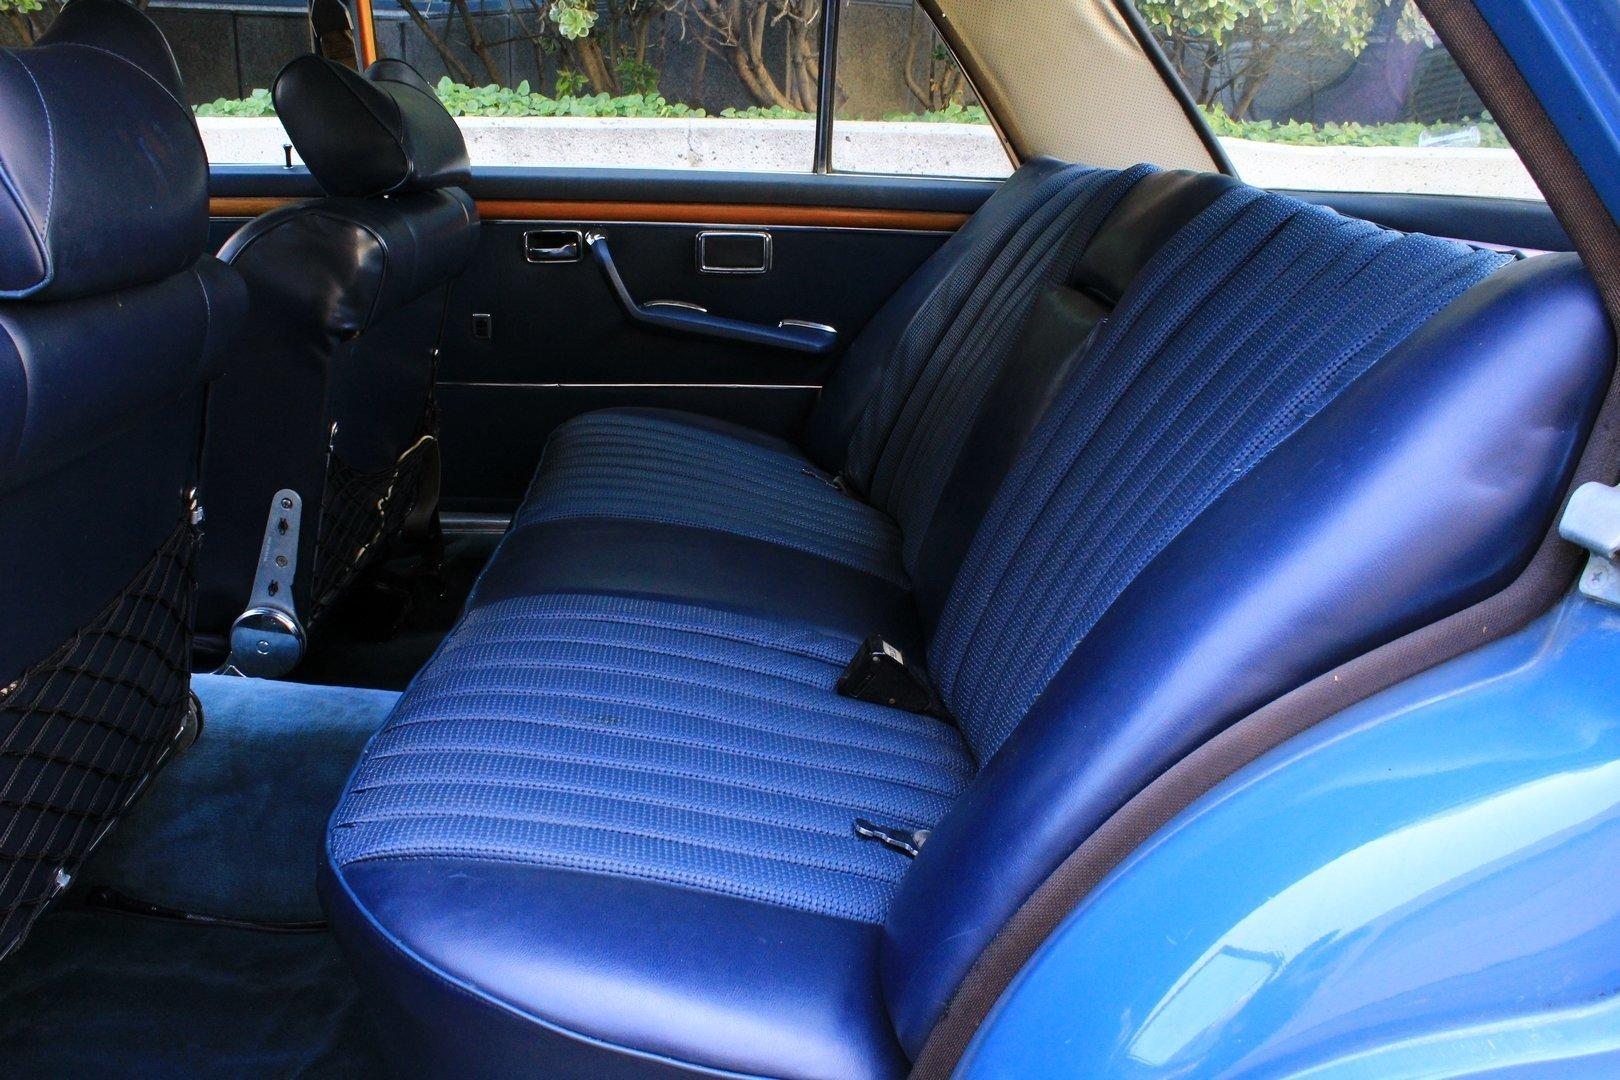 1973 mercedes benz 300 sel 4 5. Black Bedroom Furniture Sets. Home Design Ideas